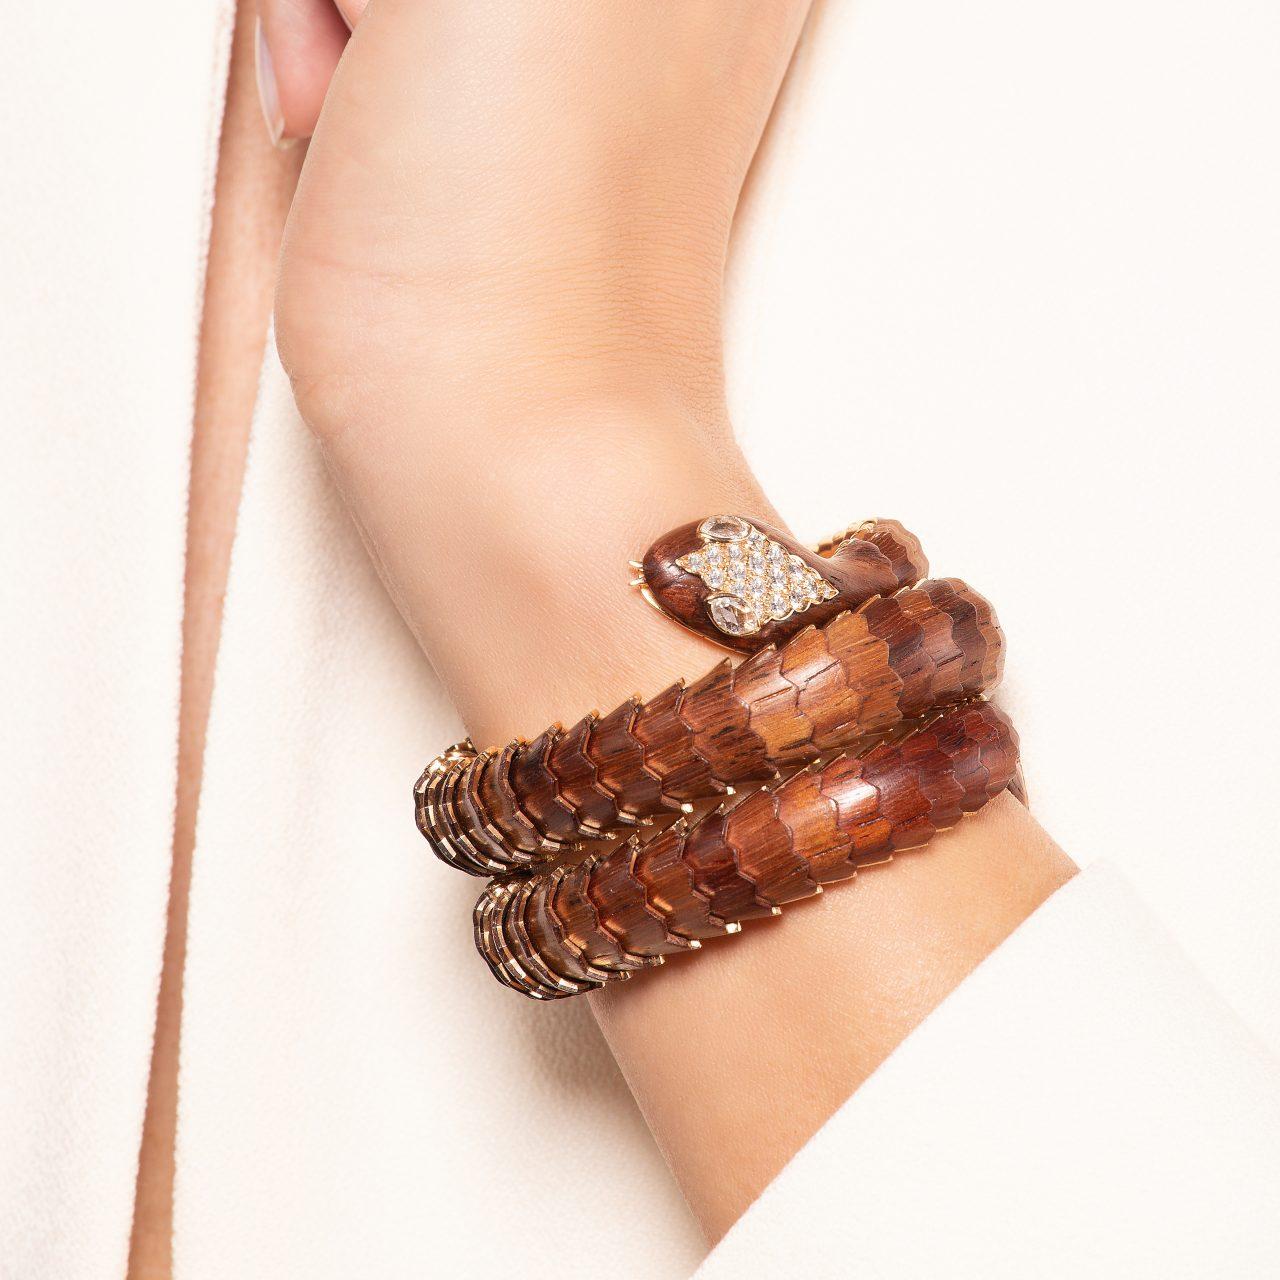 Bracciale serpente di Illario in legno padouk, oro giallo 18k e diamanti indossato